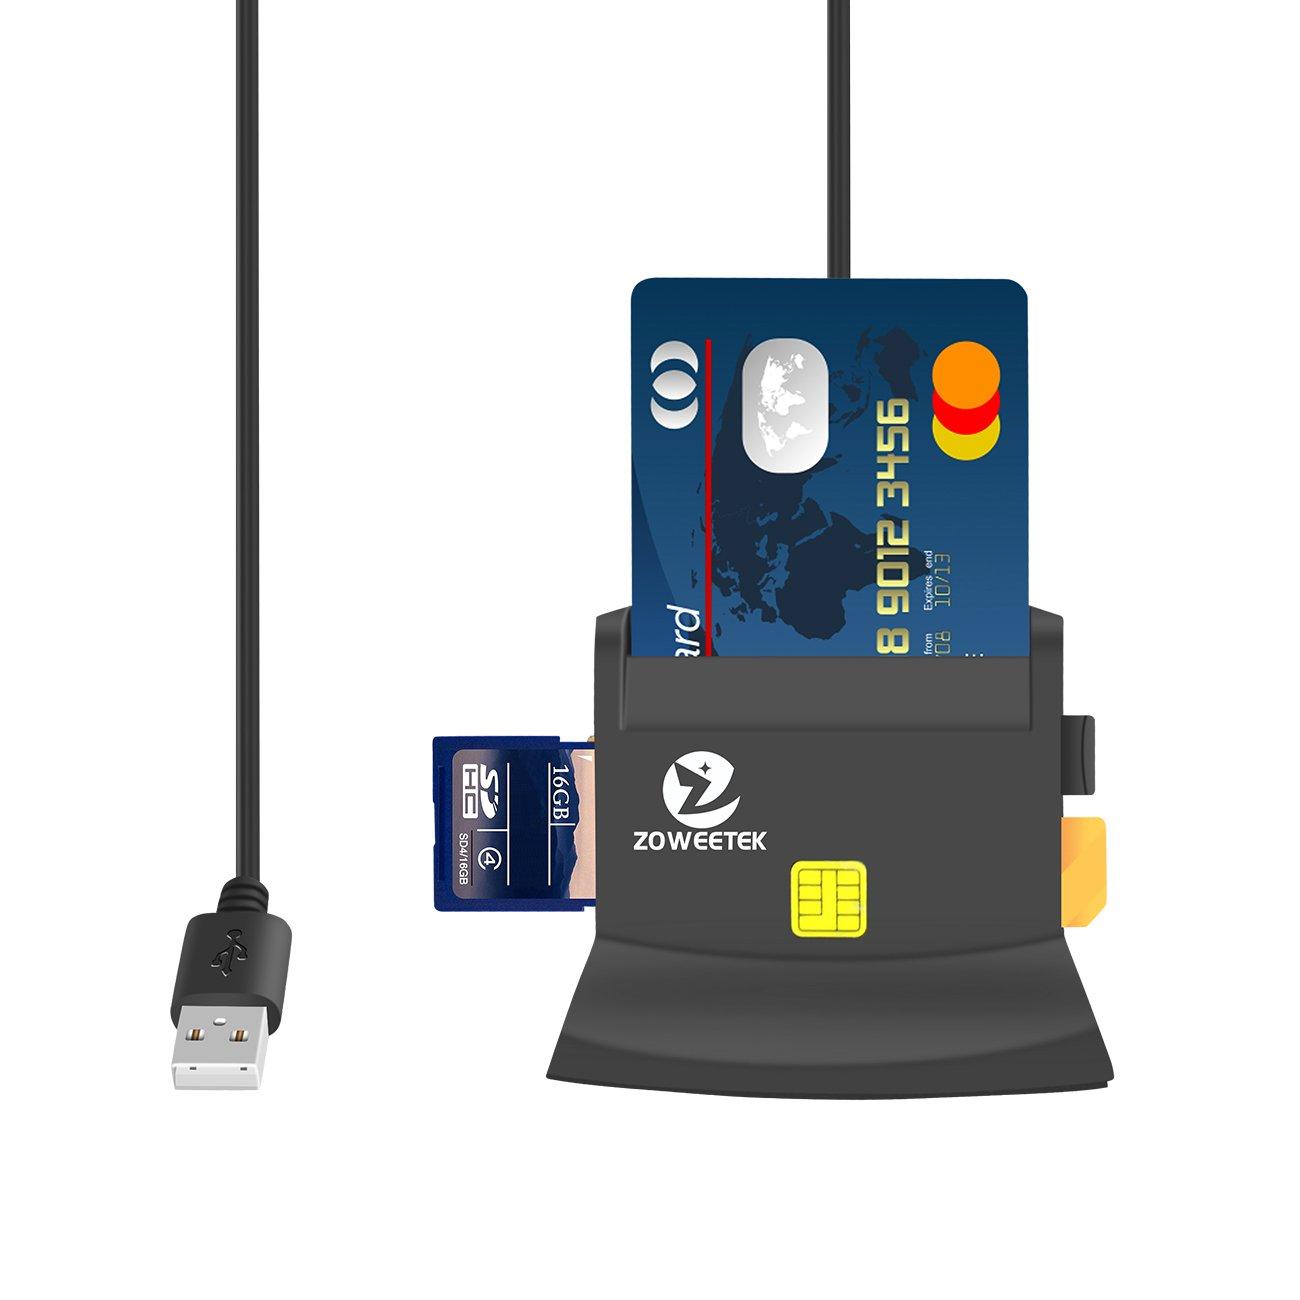 ZOWEETEK® Lector de DNI Electrónico multifunción para Todo Tipo de Tarjeta de Apoyo,Color Negro: Amazon.es: Electrónica